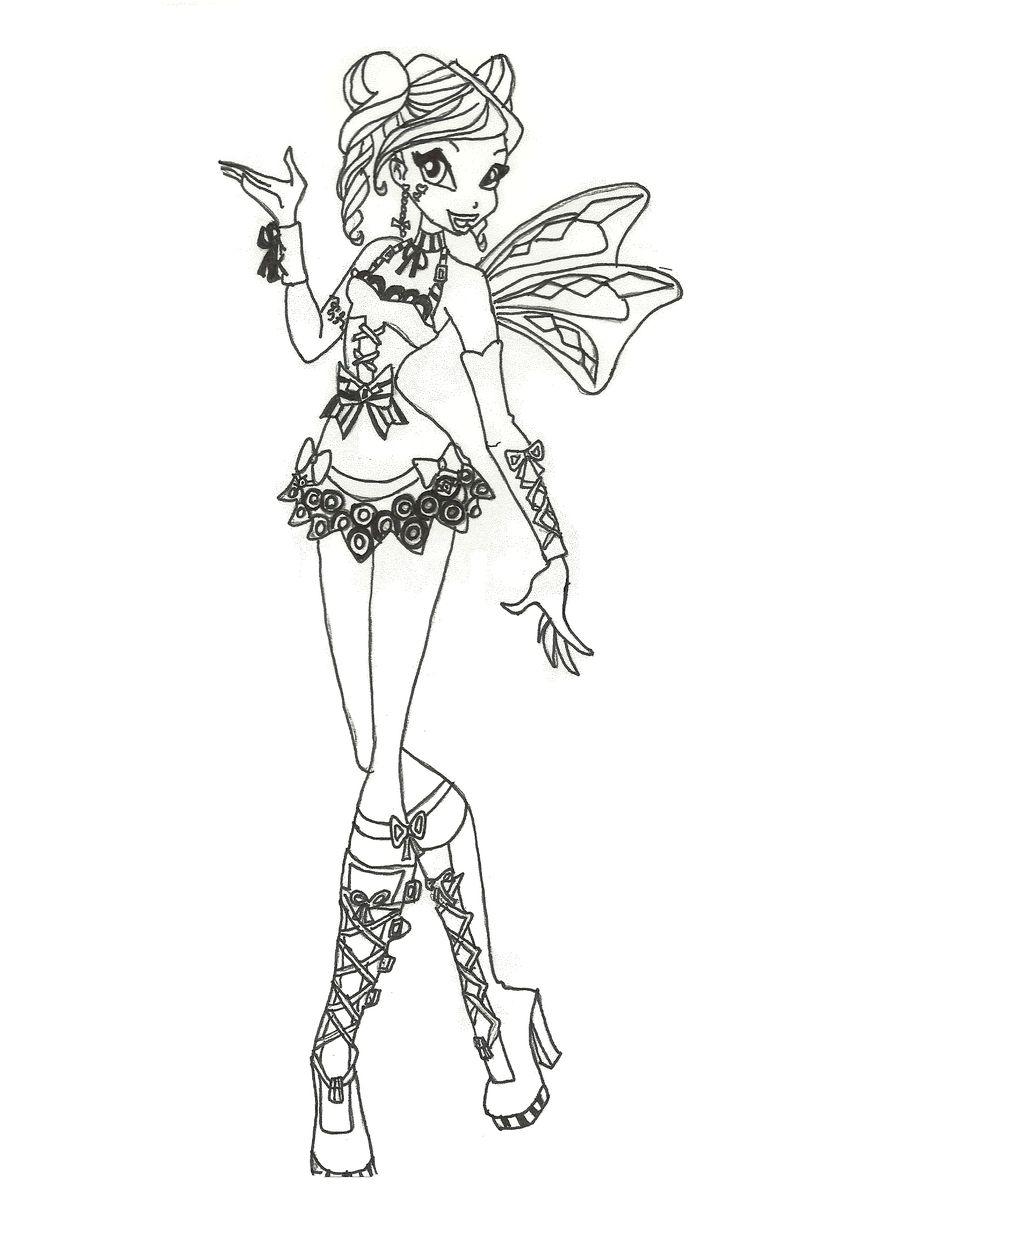 Tranh Tô Màu Công Chúa Phép Thuật Winx - Bloom 28